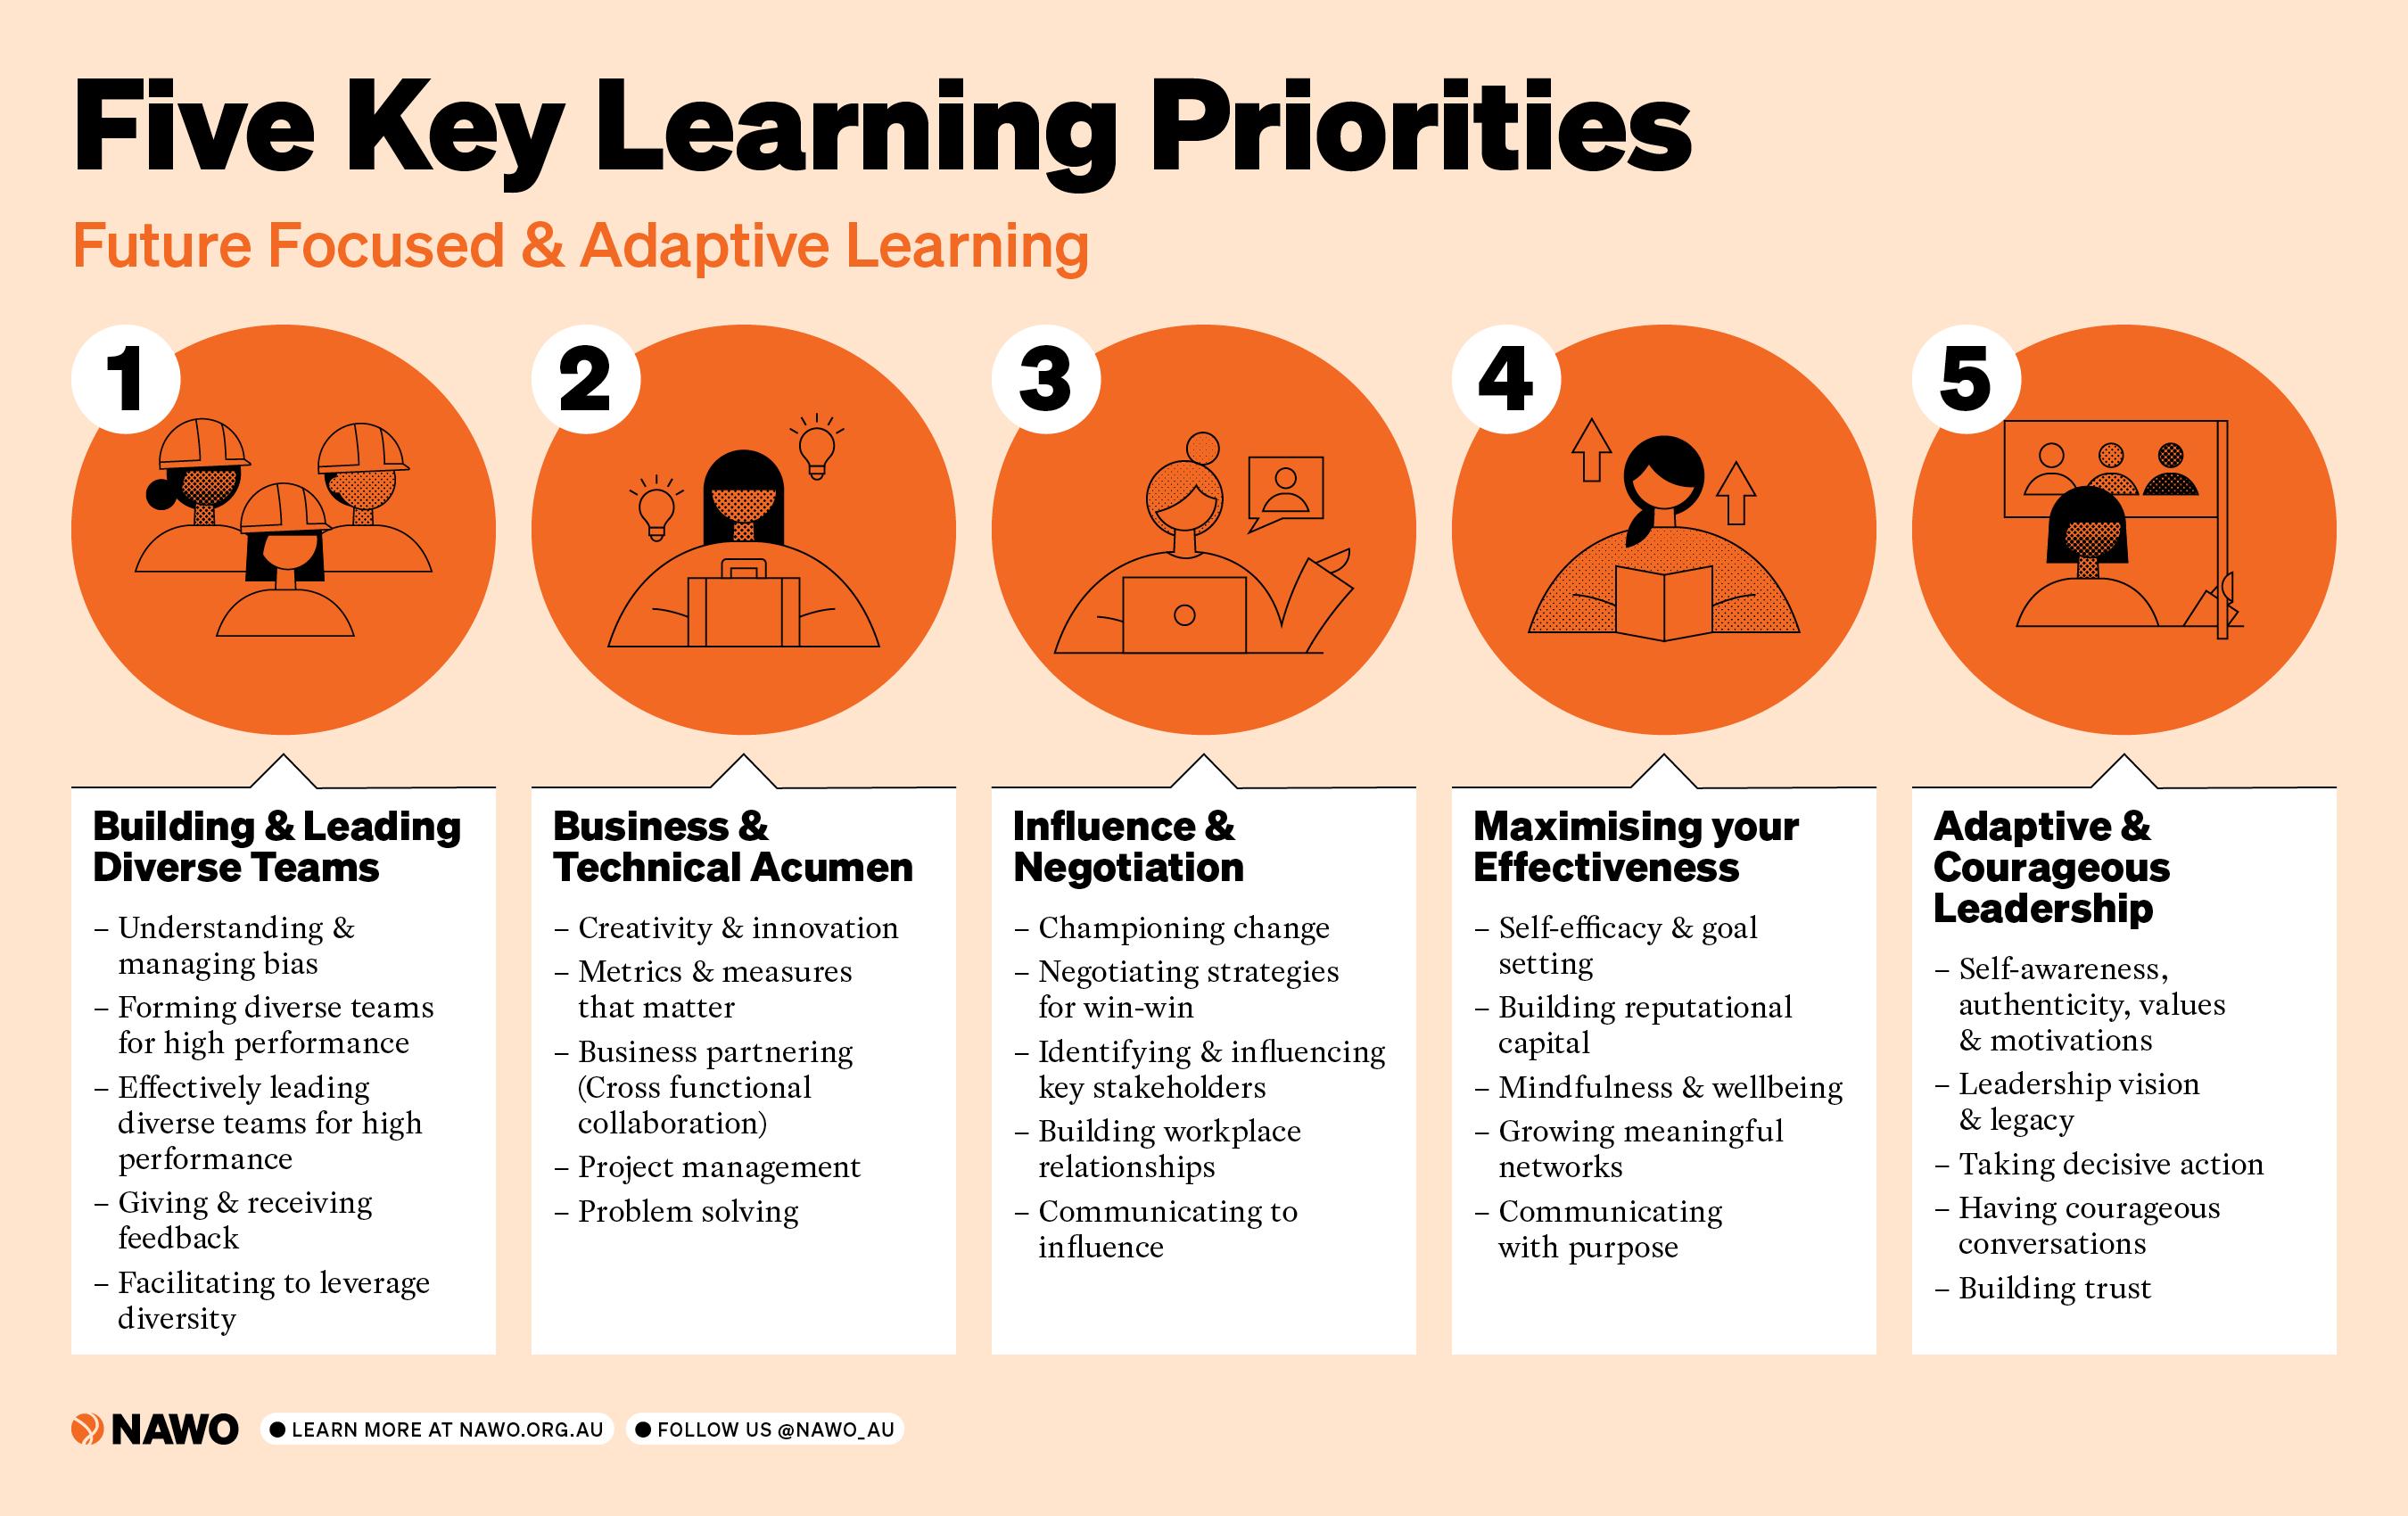 5 Key Learning Priorities